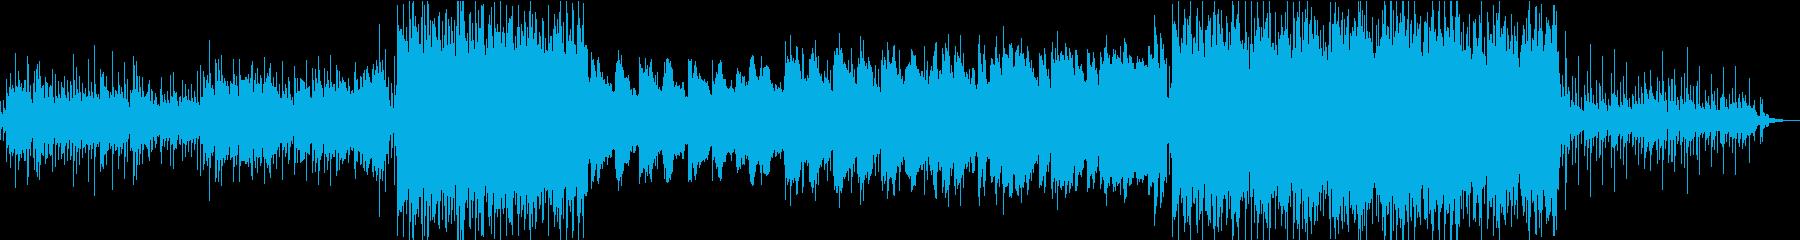 夏の花火の夜のLo-Fi Hip Hopの再生済みの波形